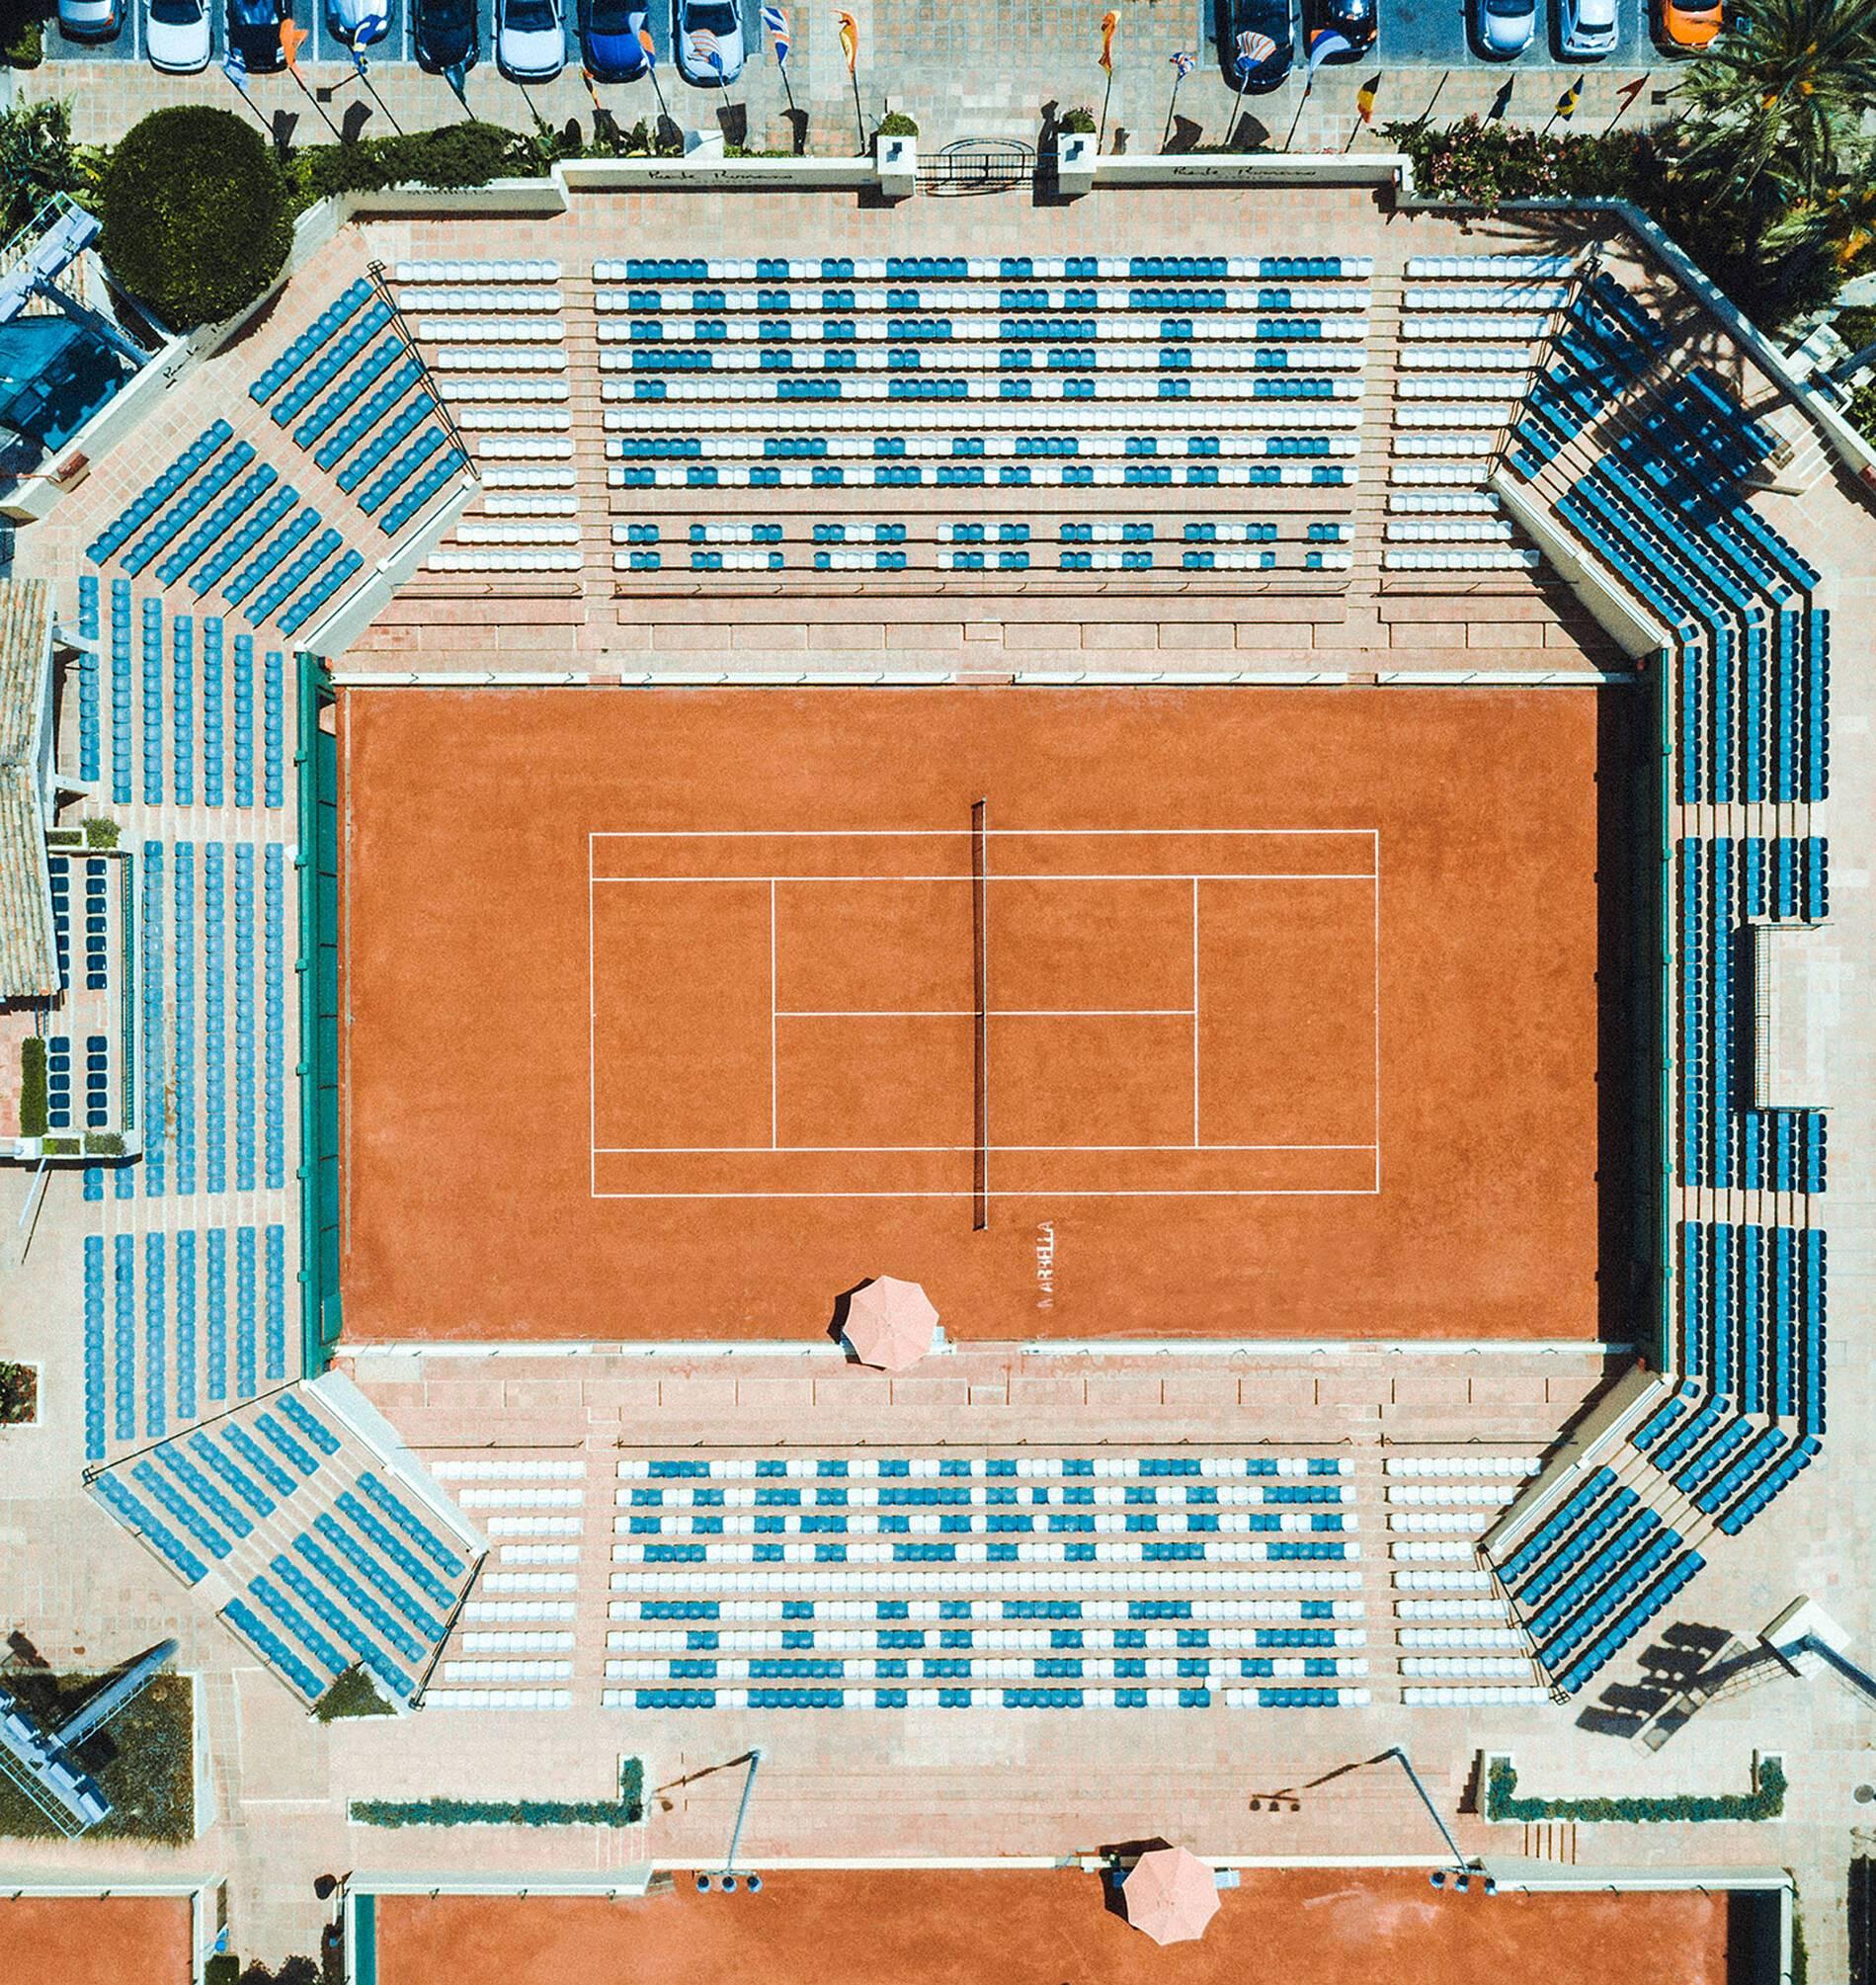 Puente Romano Marbella Andalousie Tennis